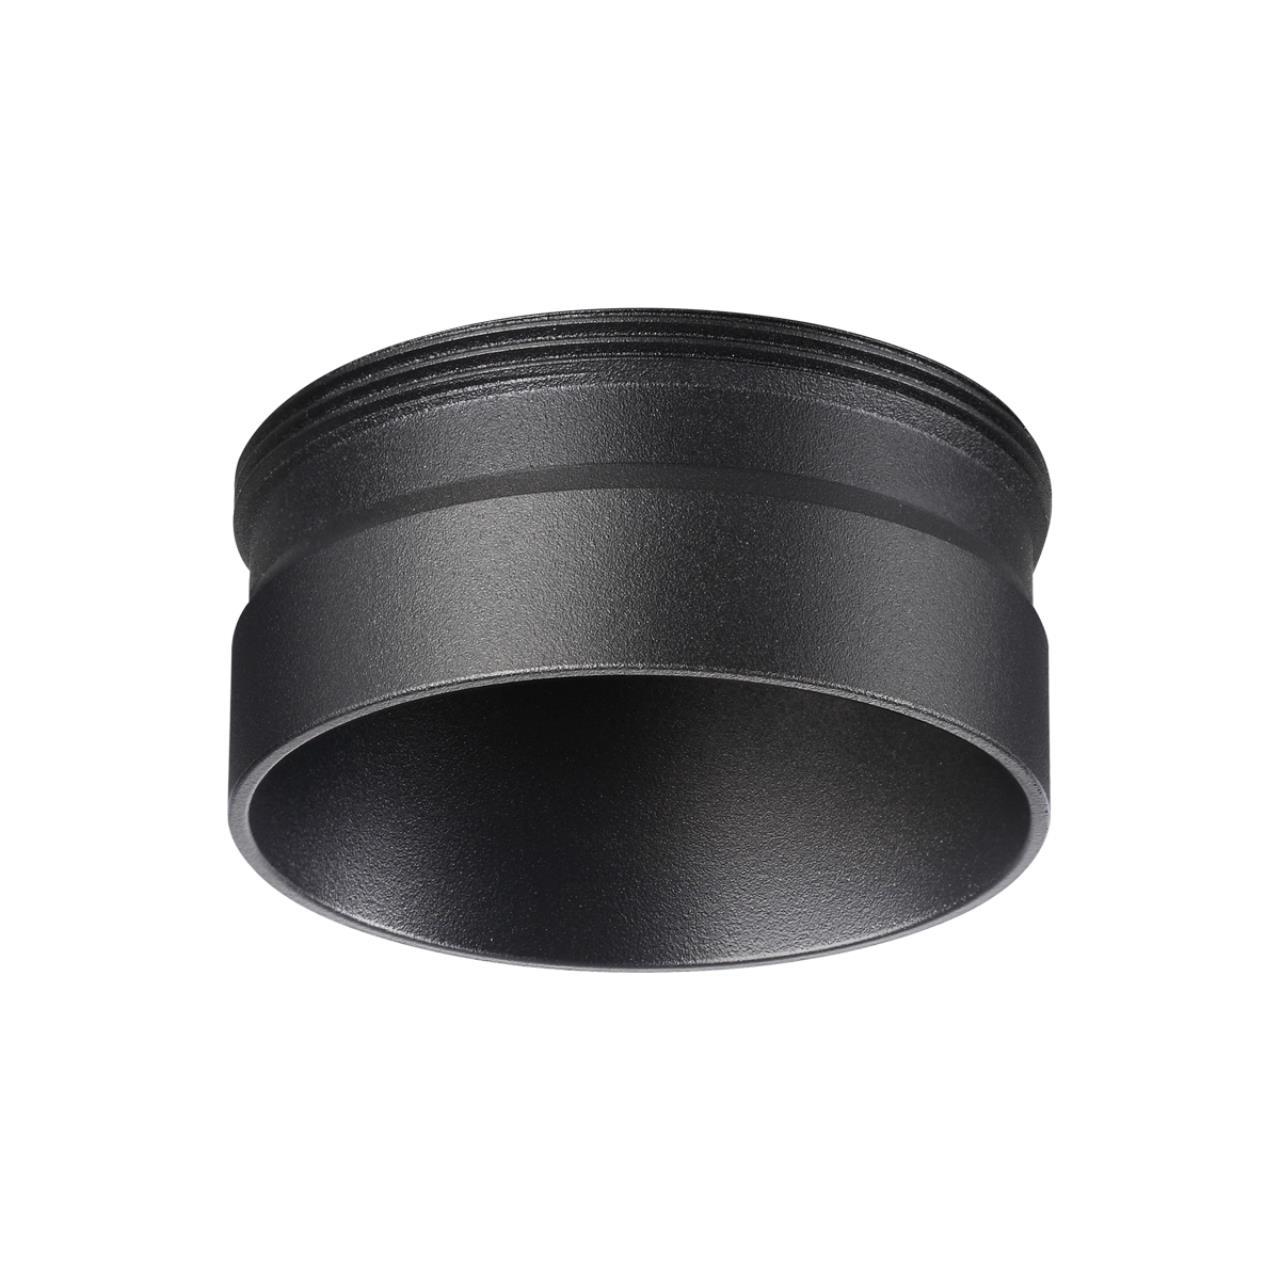 370707 KONST NT19 000 черный Декоративное кольцо для арт. 370681-370693 IP20 UNITE